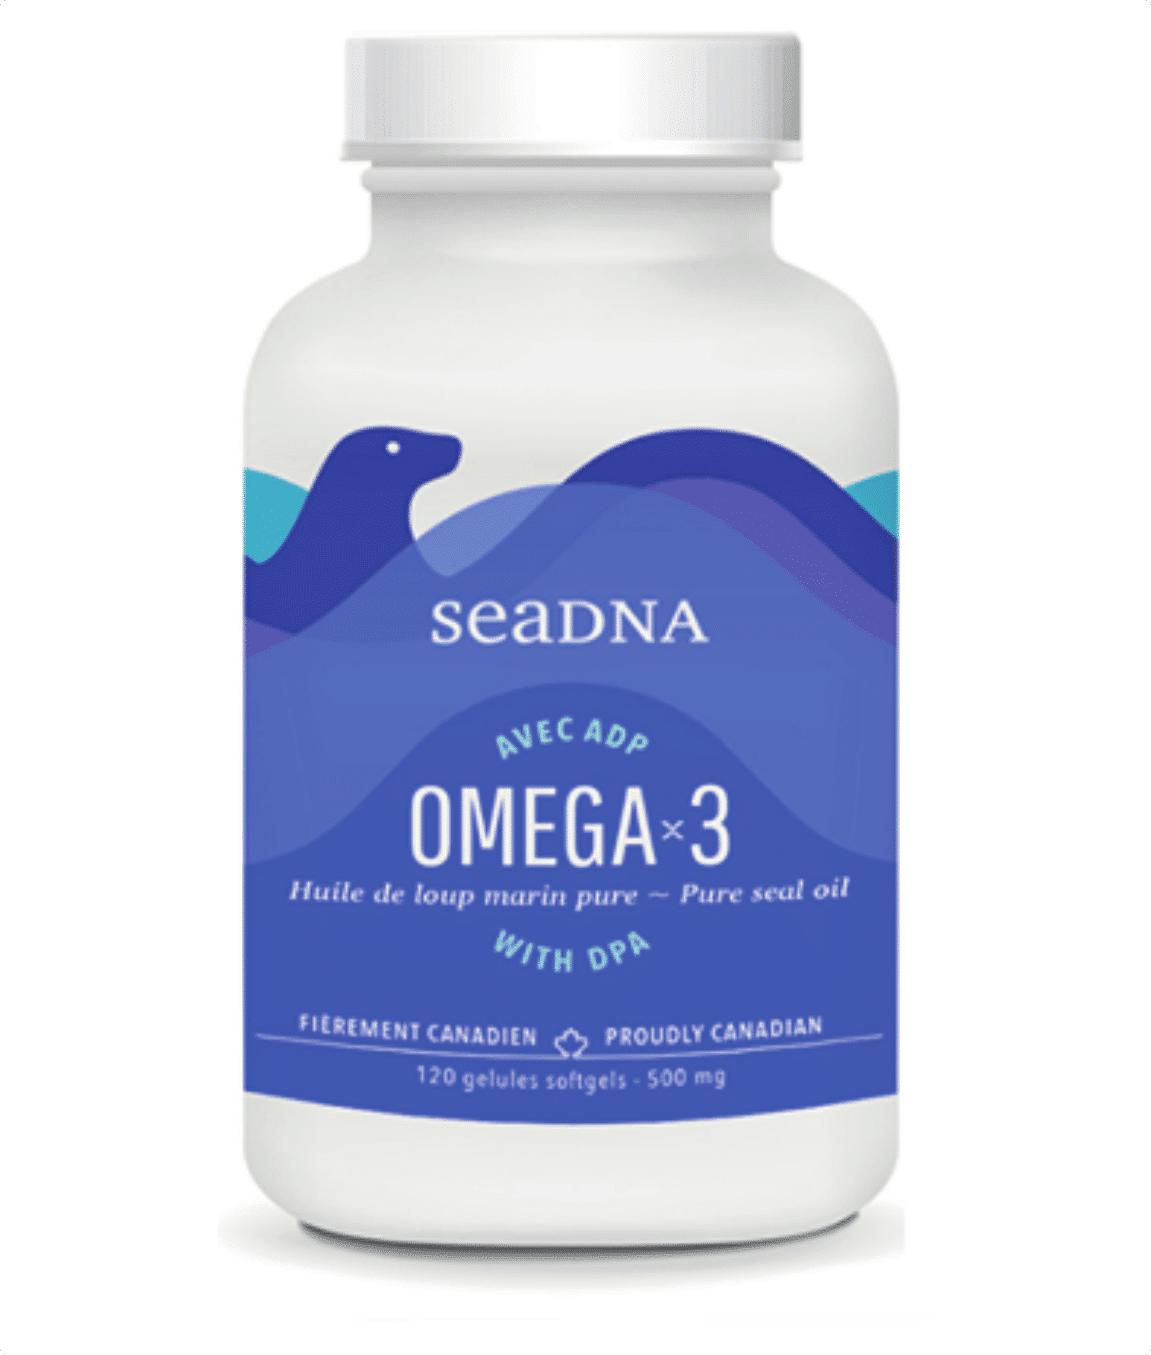 SeaDNA Omega-3 (240) | SeaDNA Canada